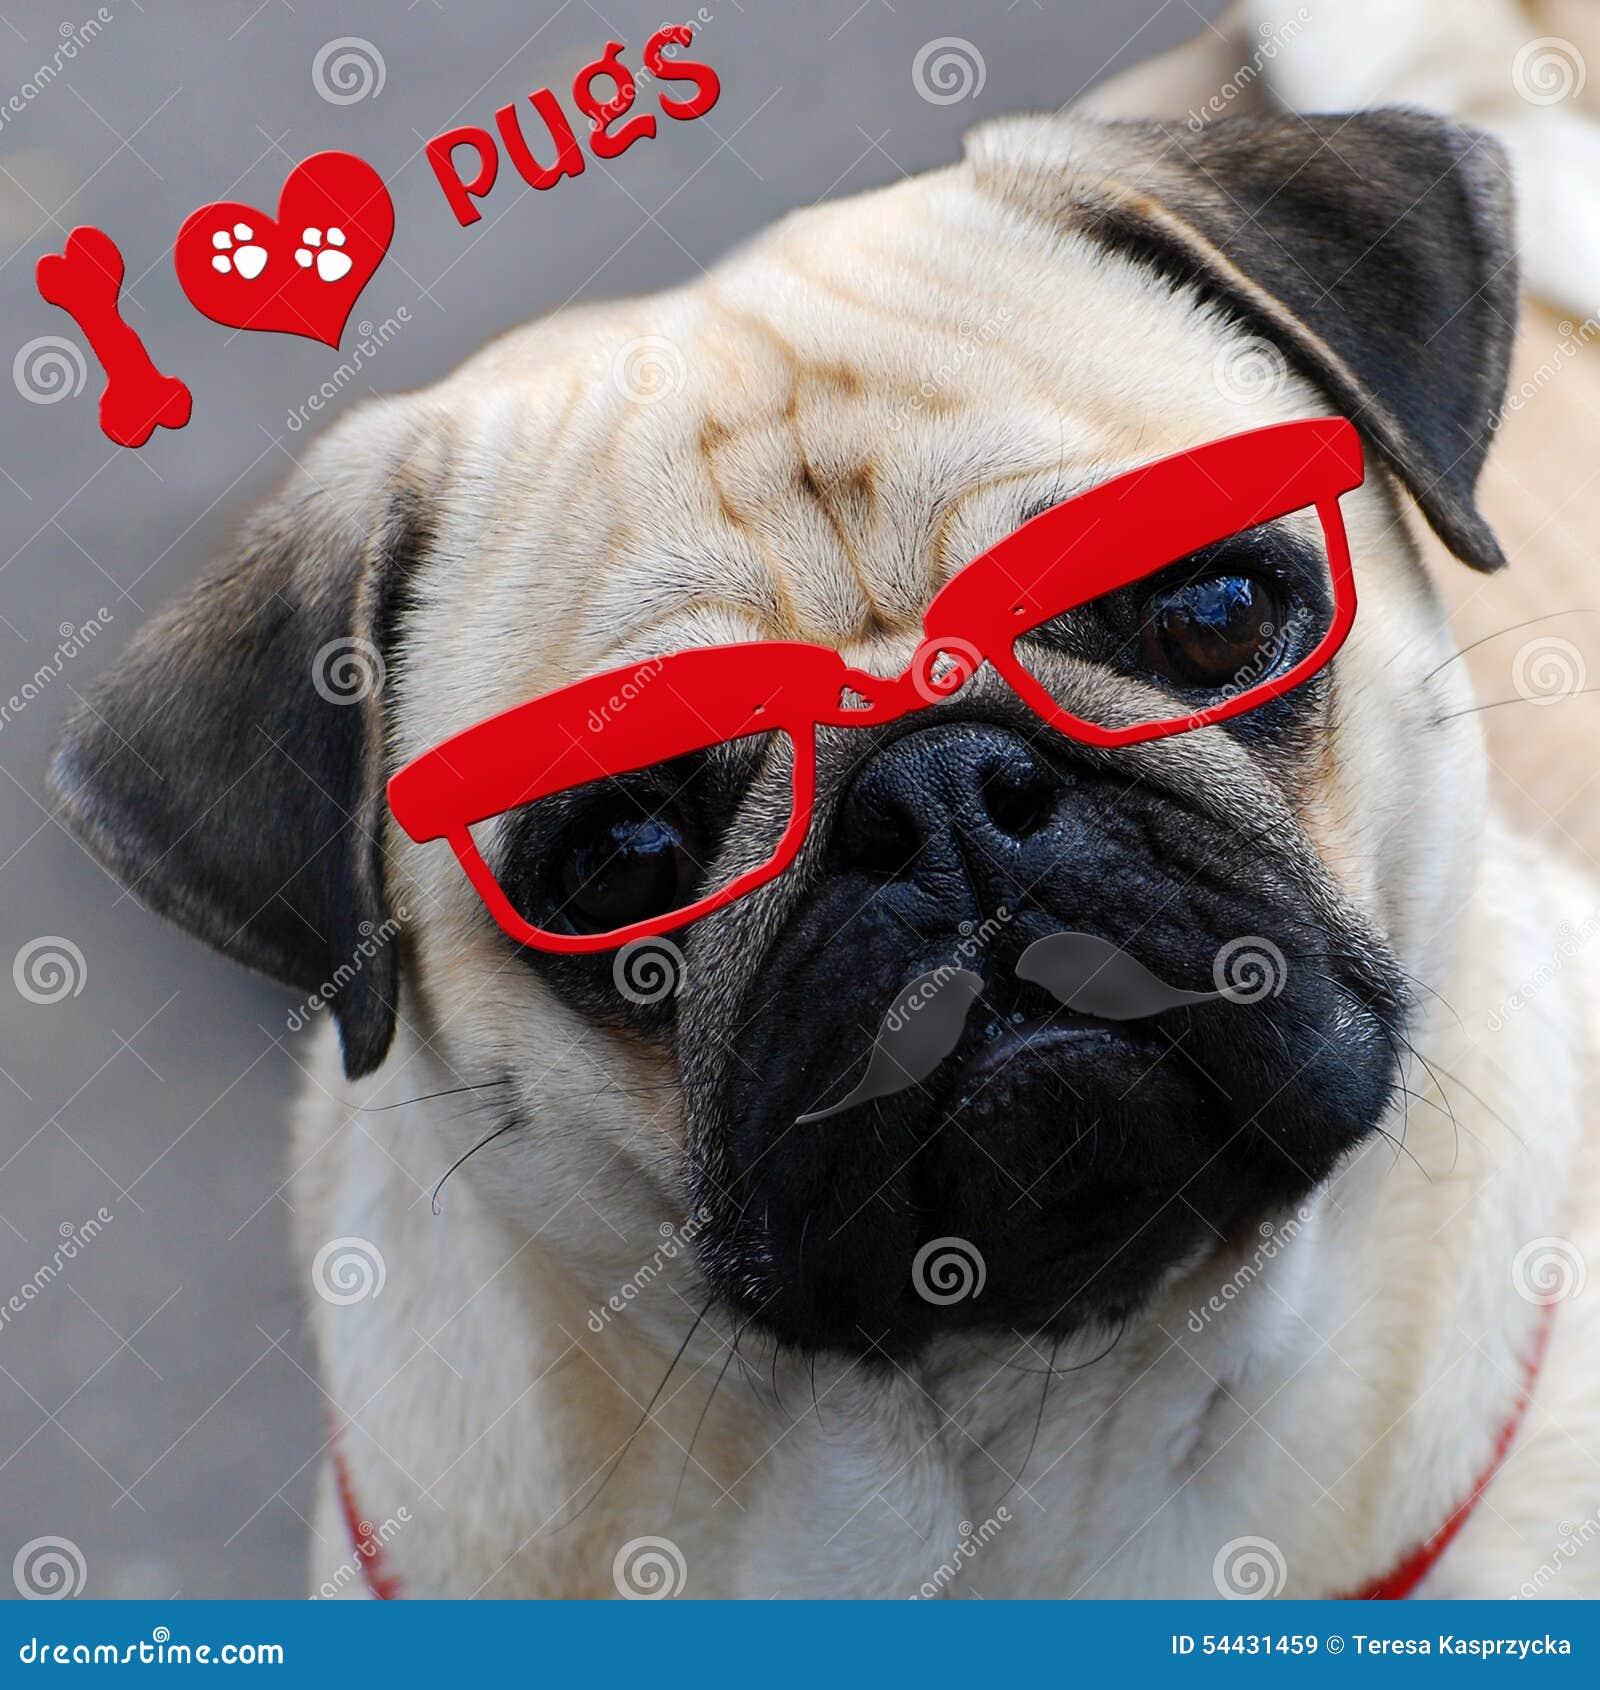 Ich liebe Pugs mit lustigem Hund